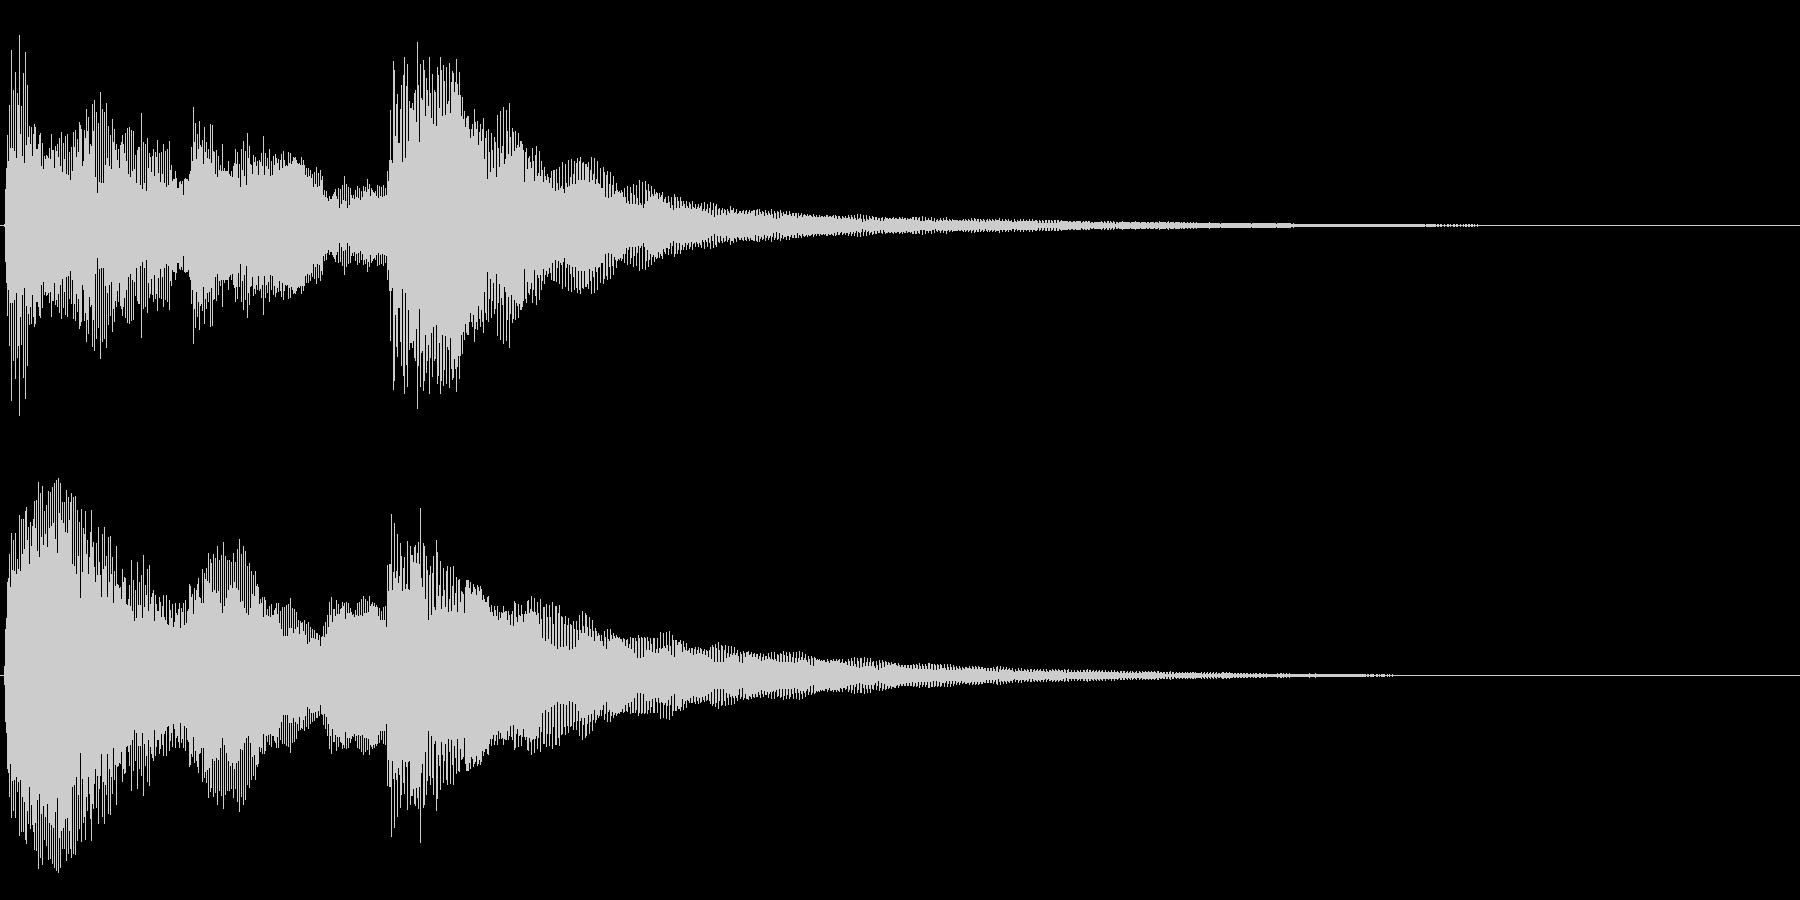 始まりのジングル の未再生の波形